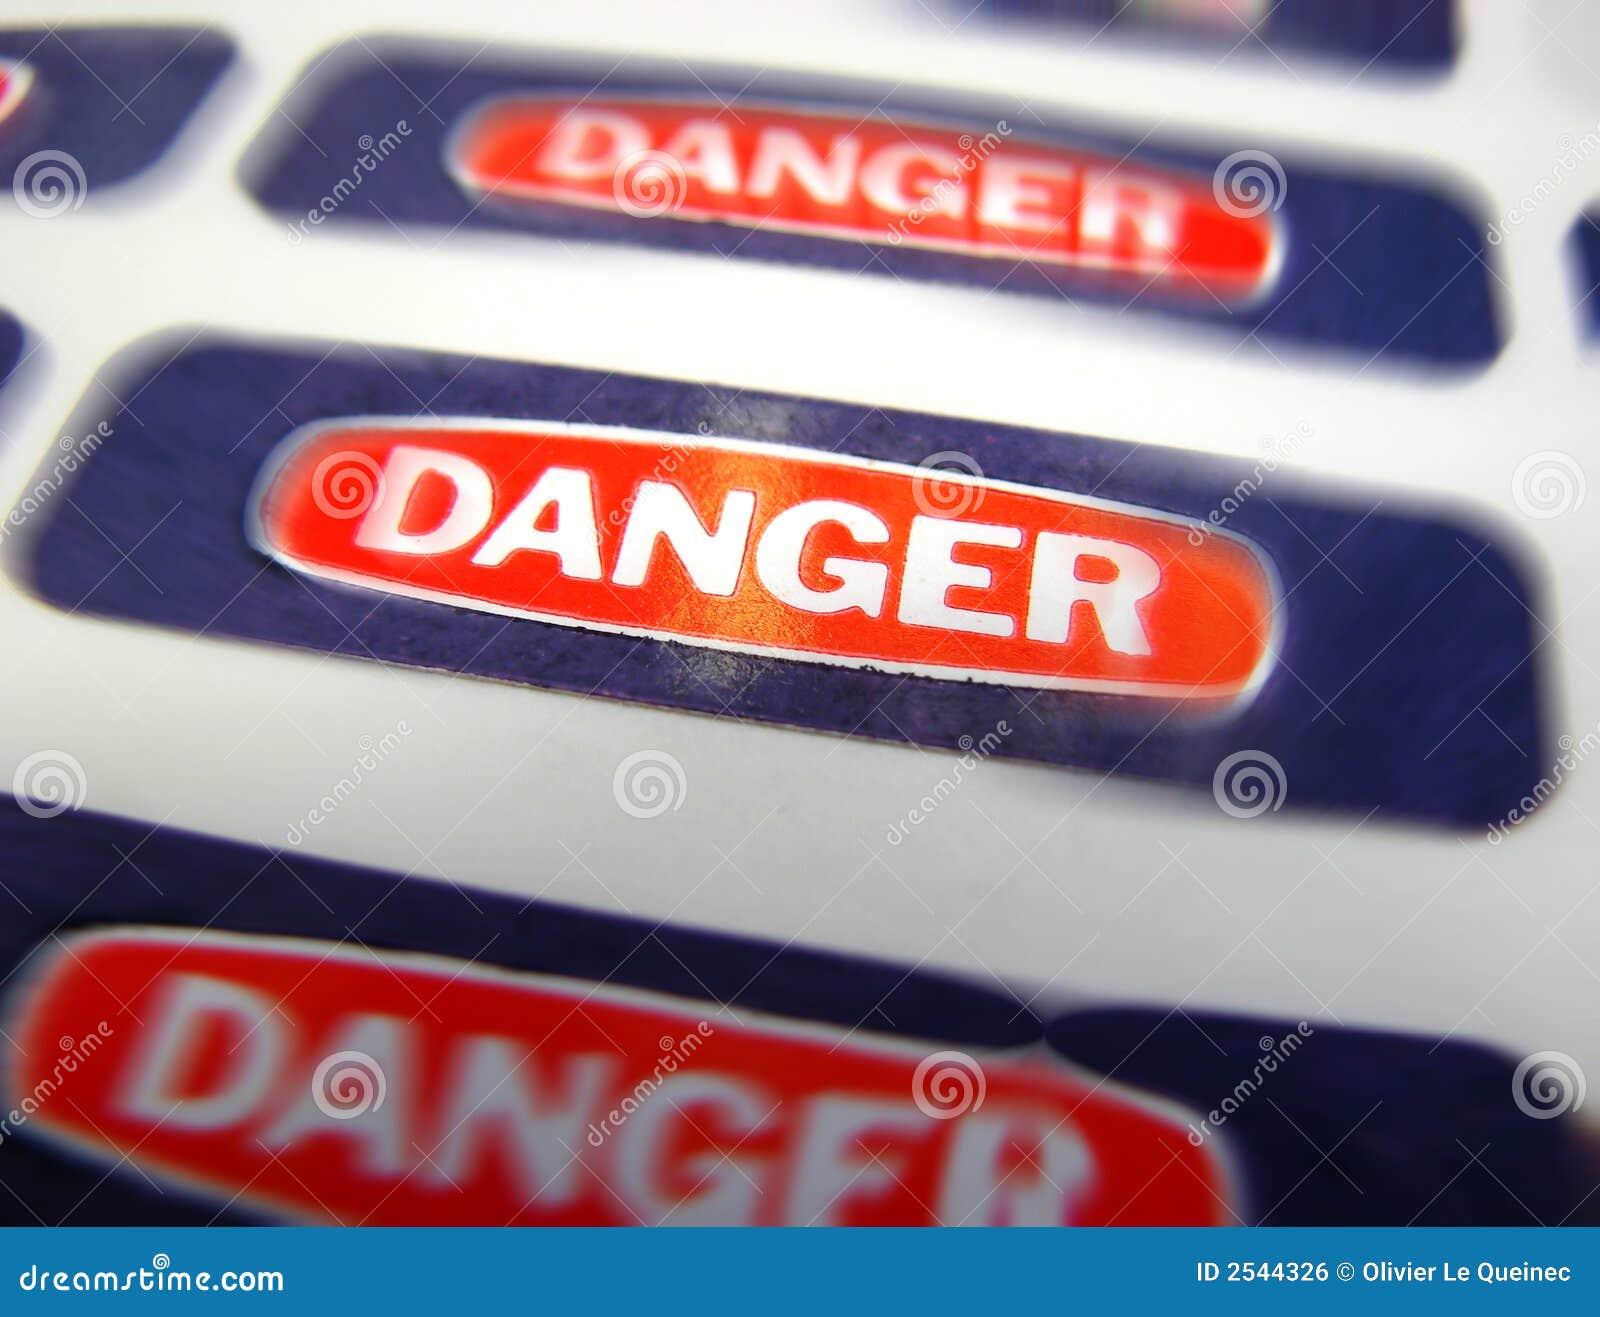 Danger Warning Room Light